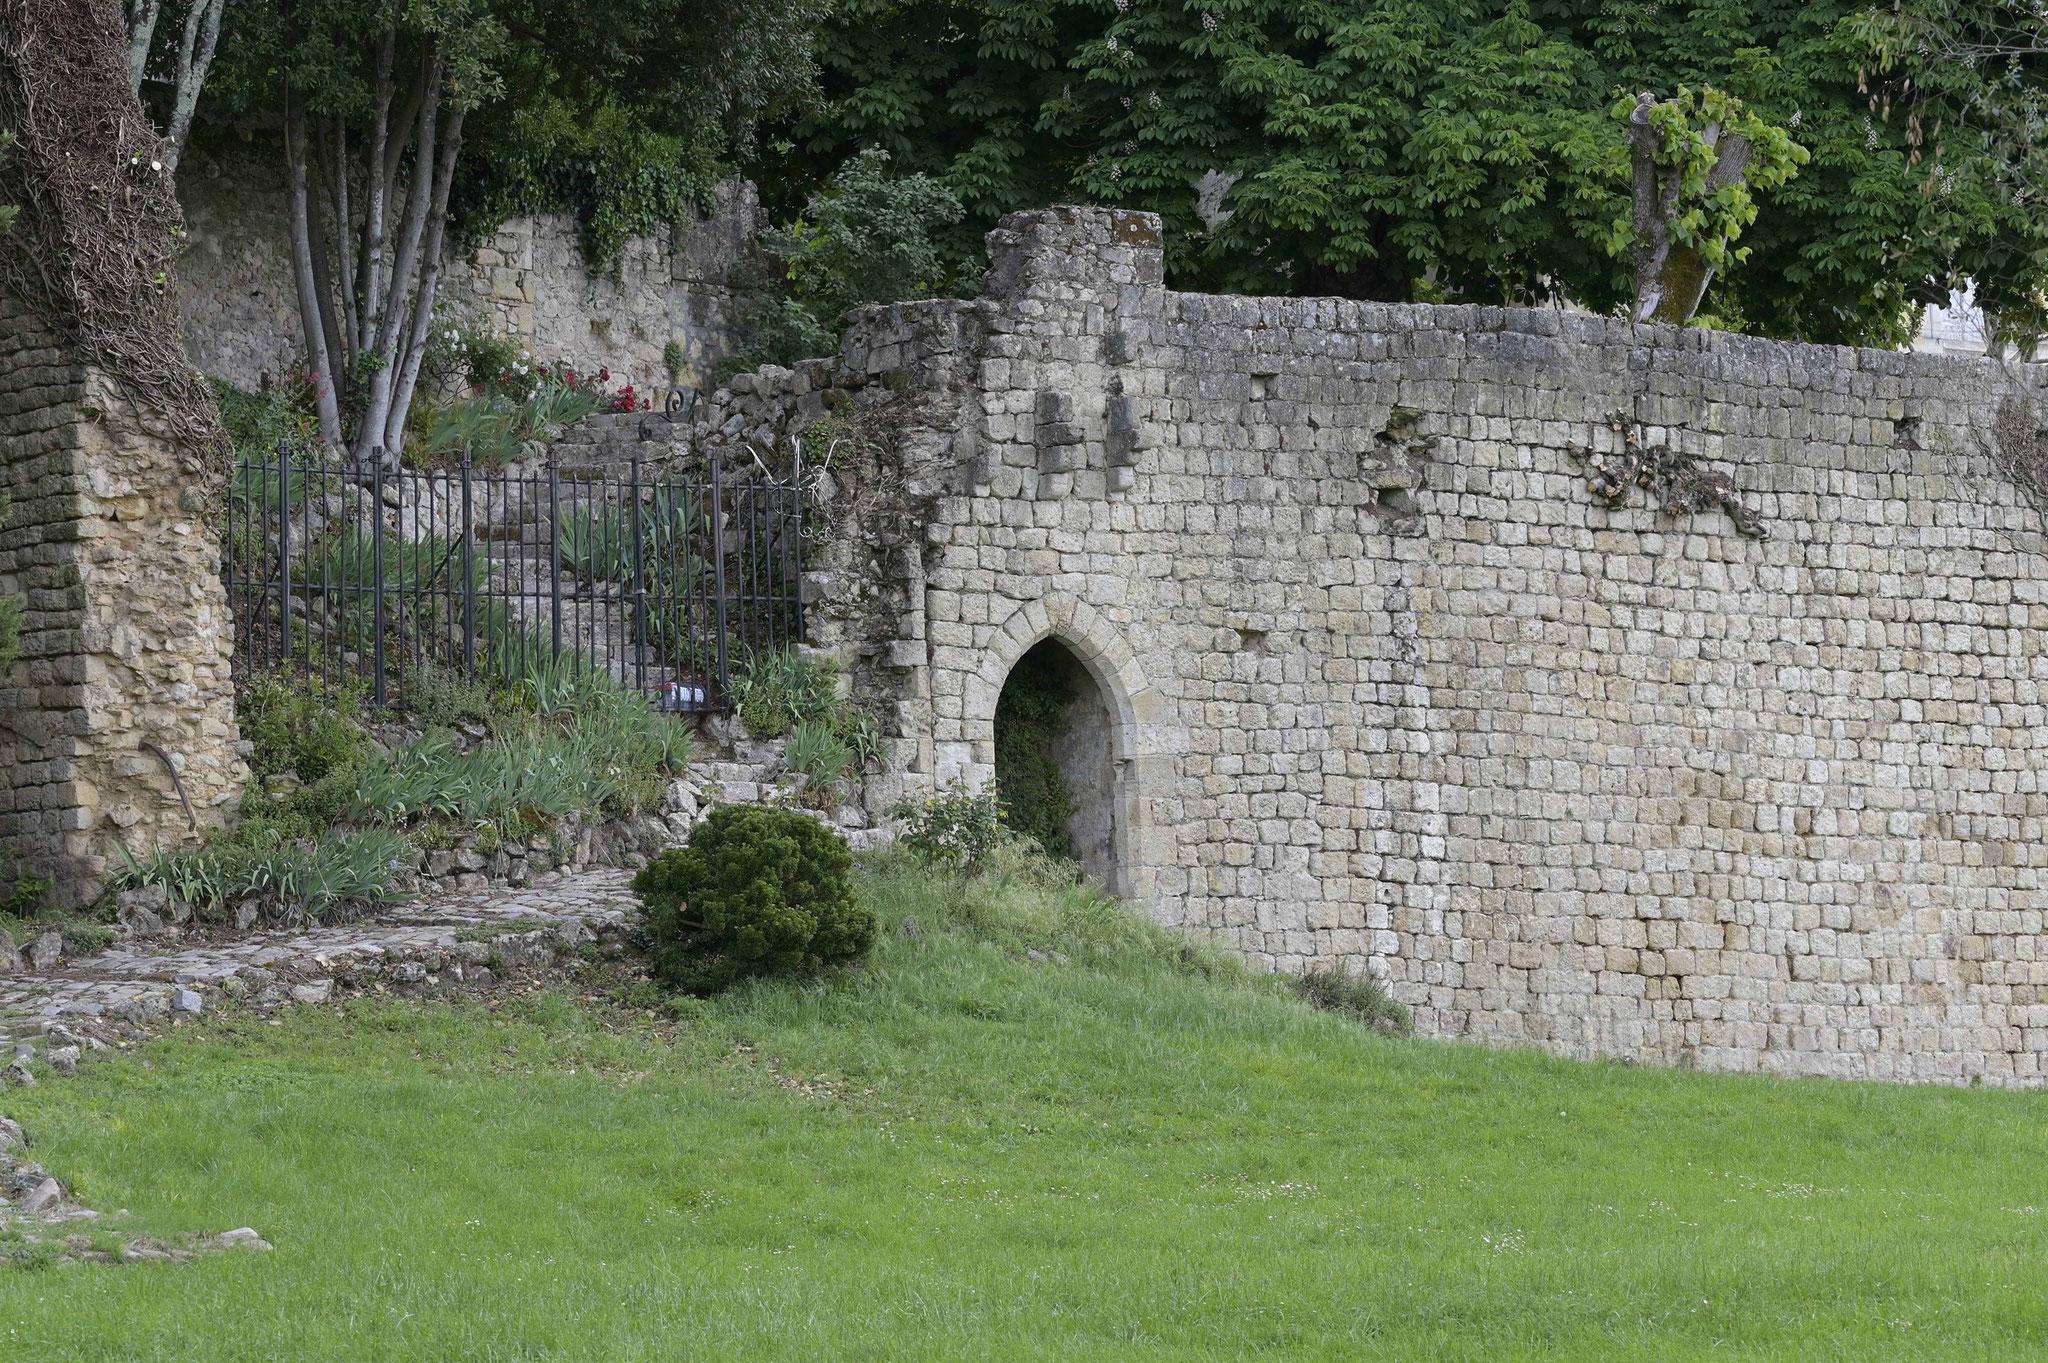 Remparts ouest avec la grotte dite de Charles VII où le roi venait se reposer après la bataille de Castillon